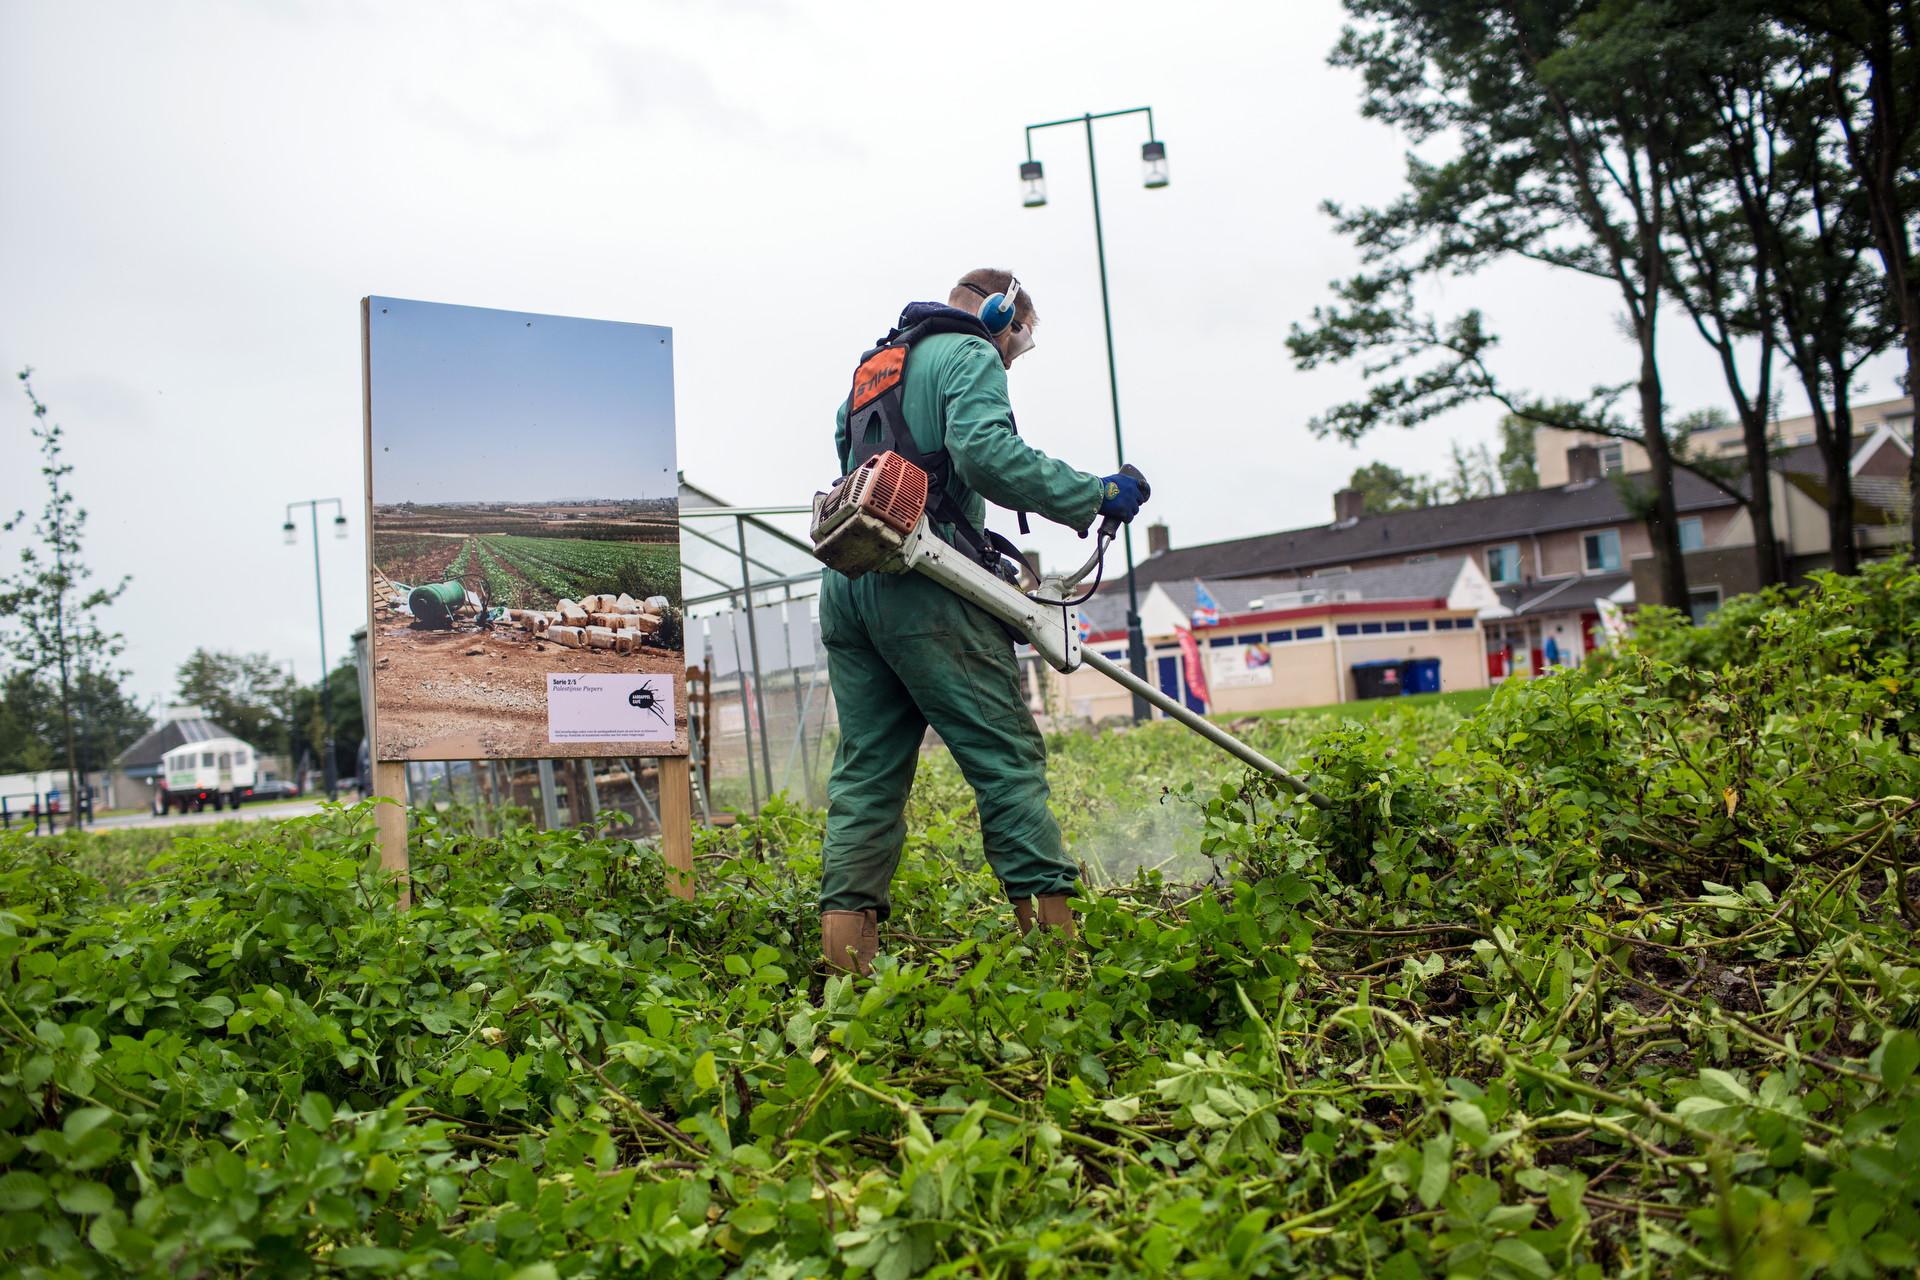 Photo: Dirk-Jan Visser / Borger / The Netherlands / 27-08-2015: het verwijderen van het aardappelloof van het aardappelveld in Borger omdat er phytoftora in zit